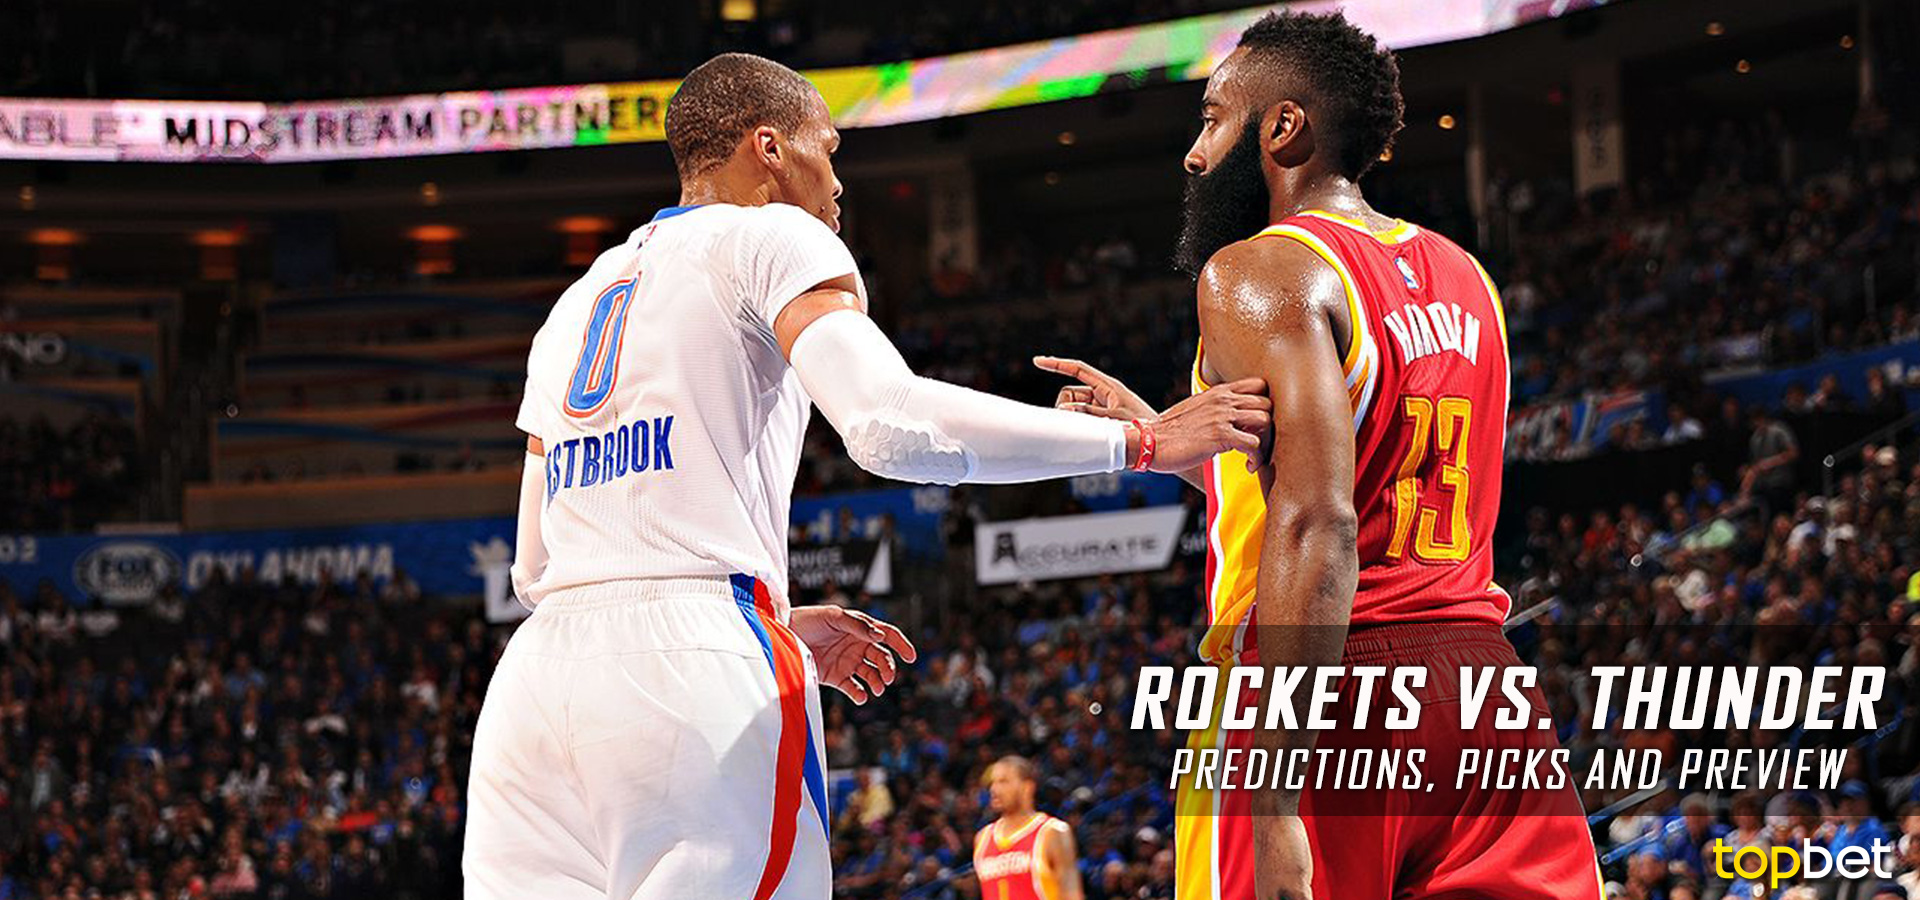 Rockets vs Thunder Predictions, Picks & Odds – December 2016 Rockets Vs Thunder